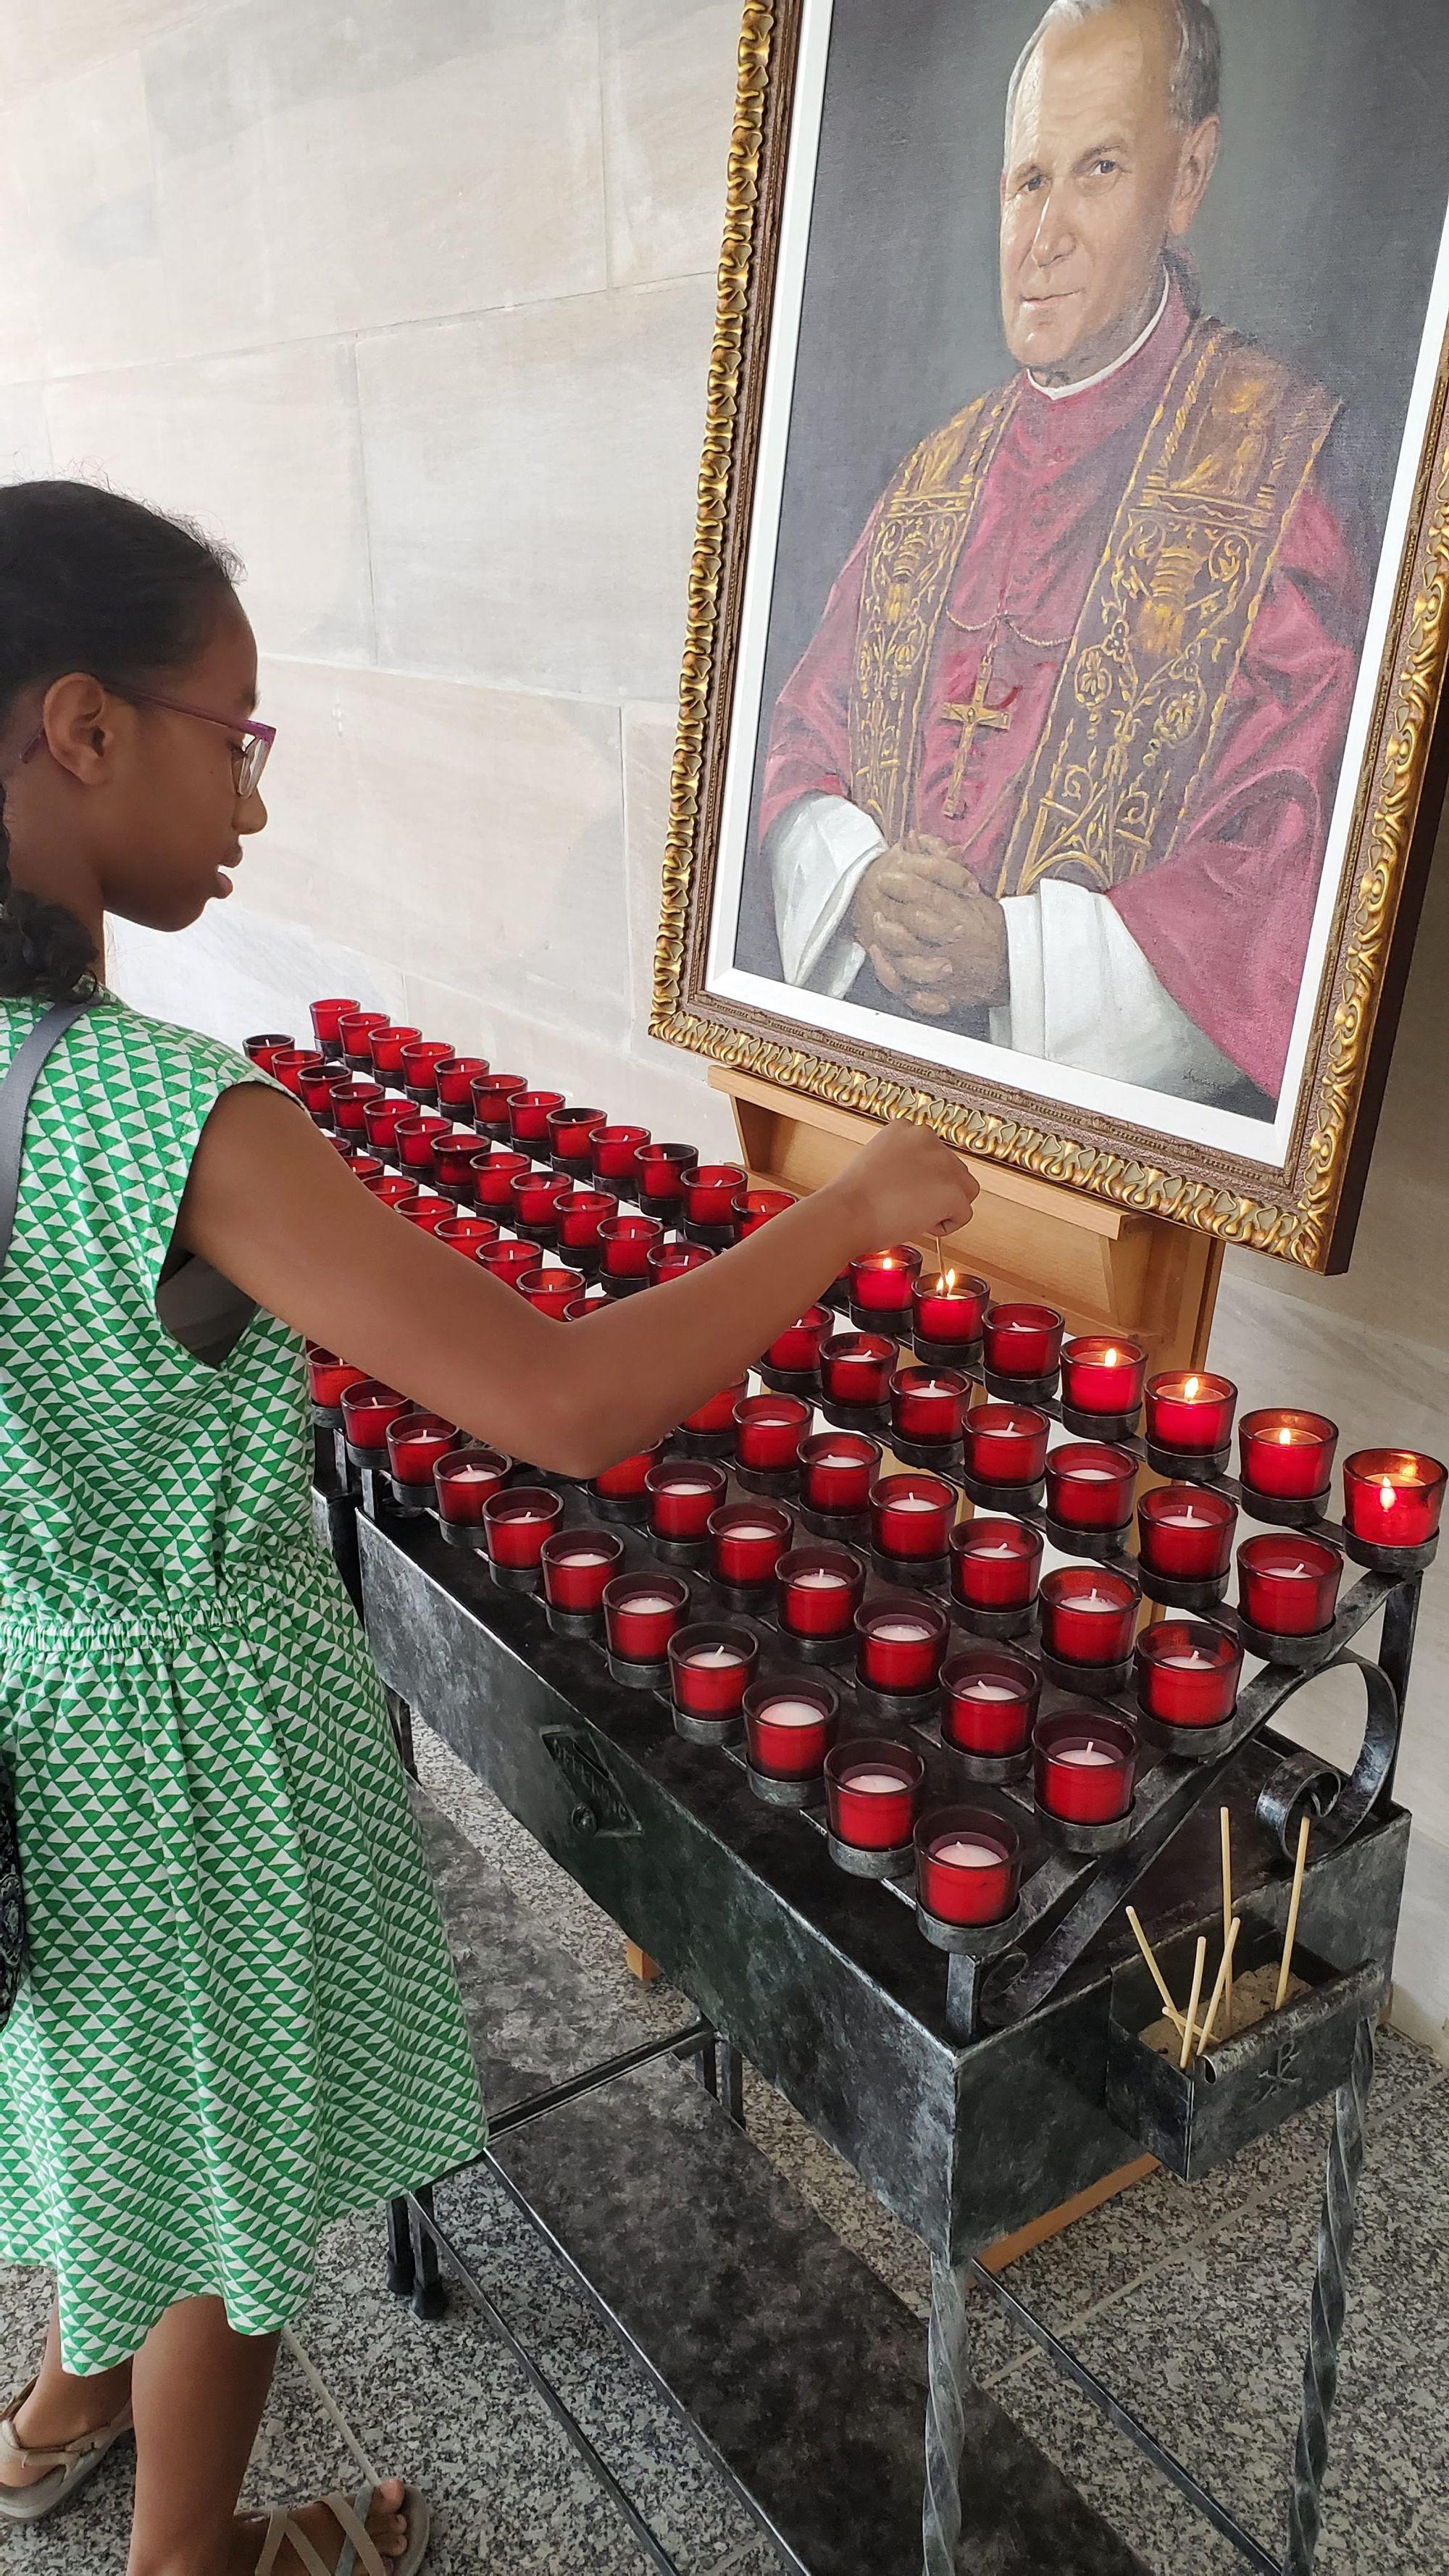 black-girl-lighting-candles-at-john-paul-ii-shrine-from-sdcason-dot-com